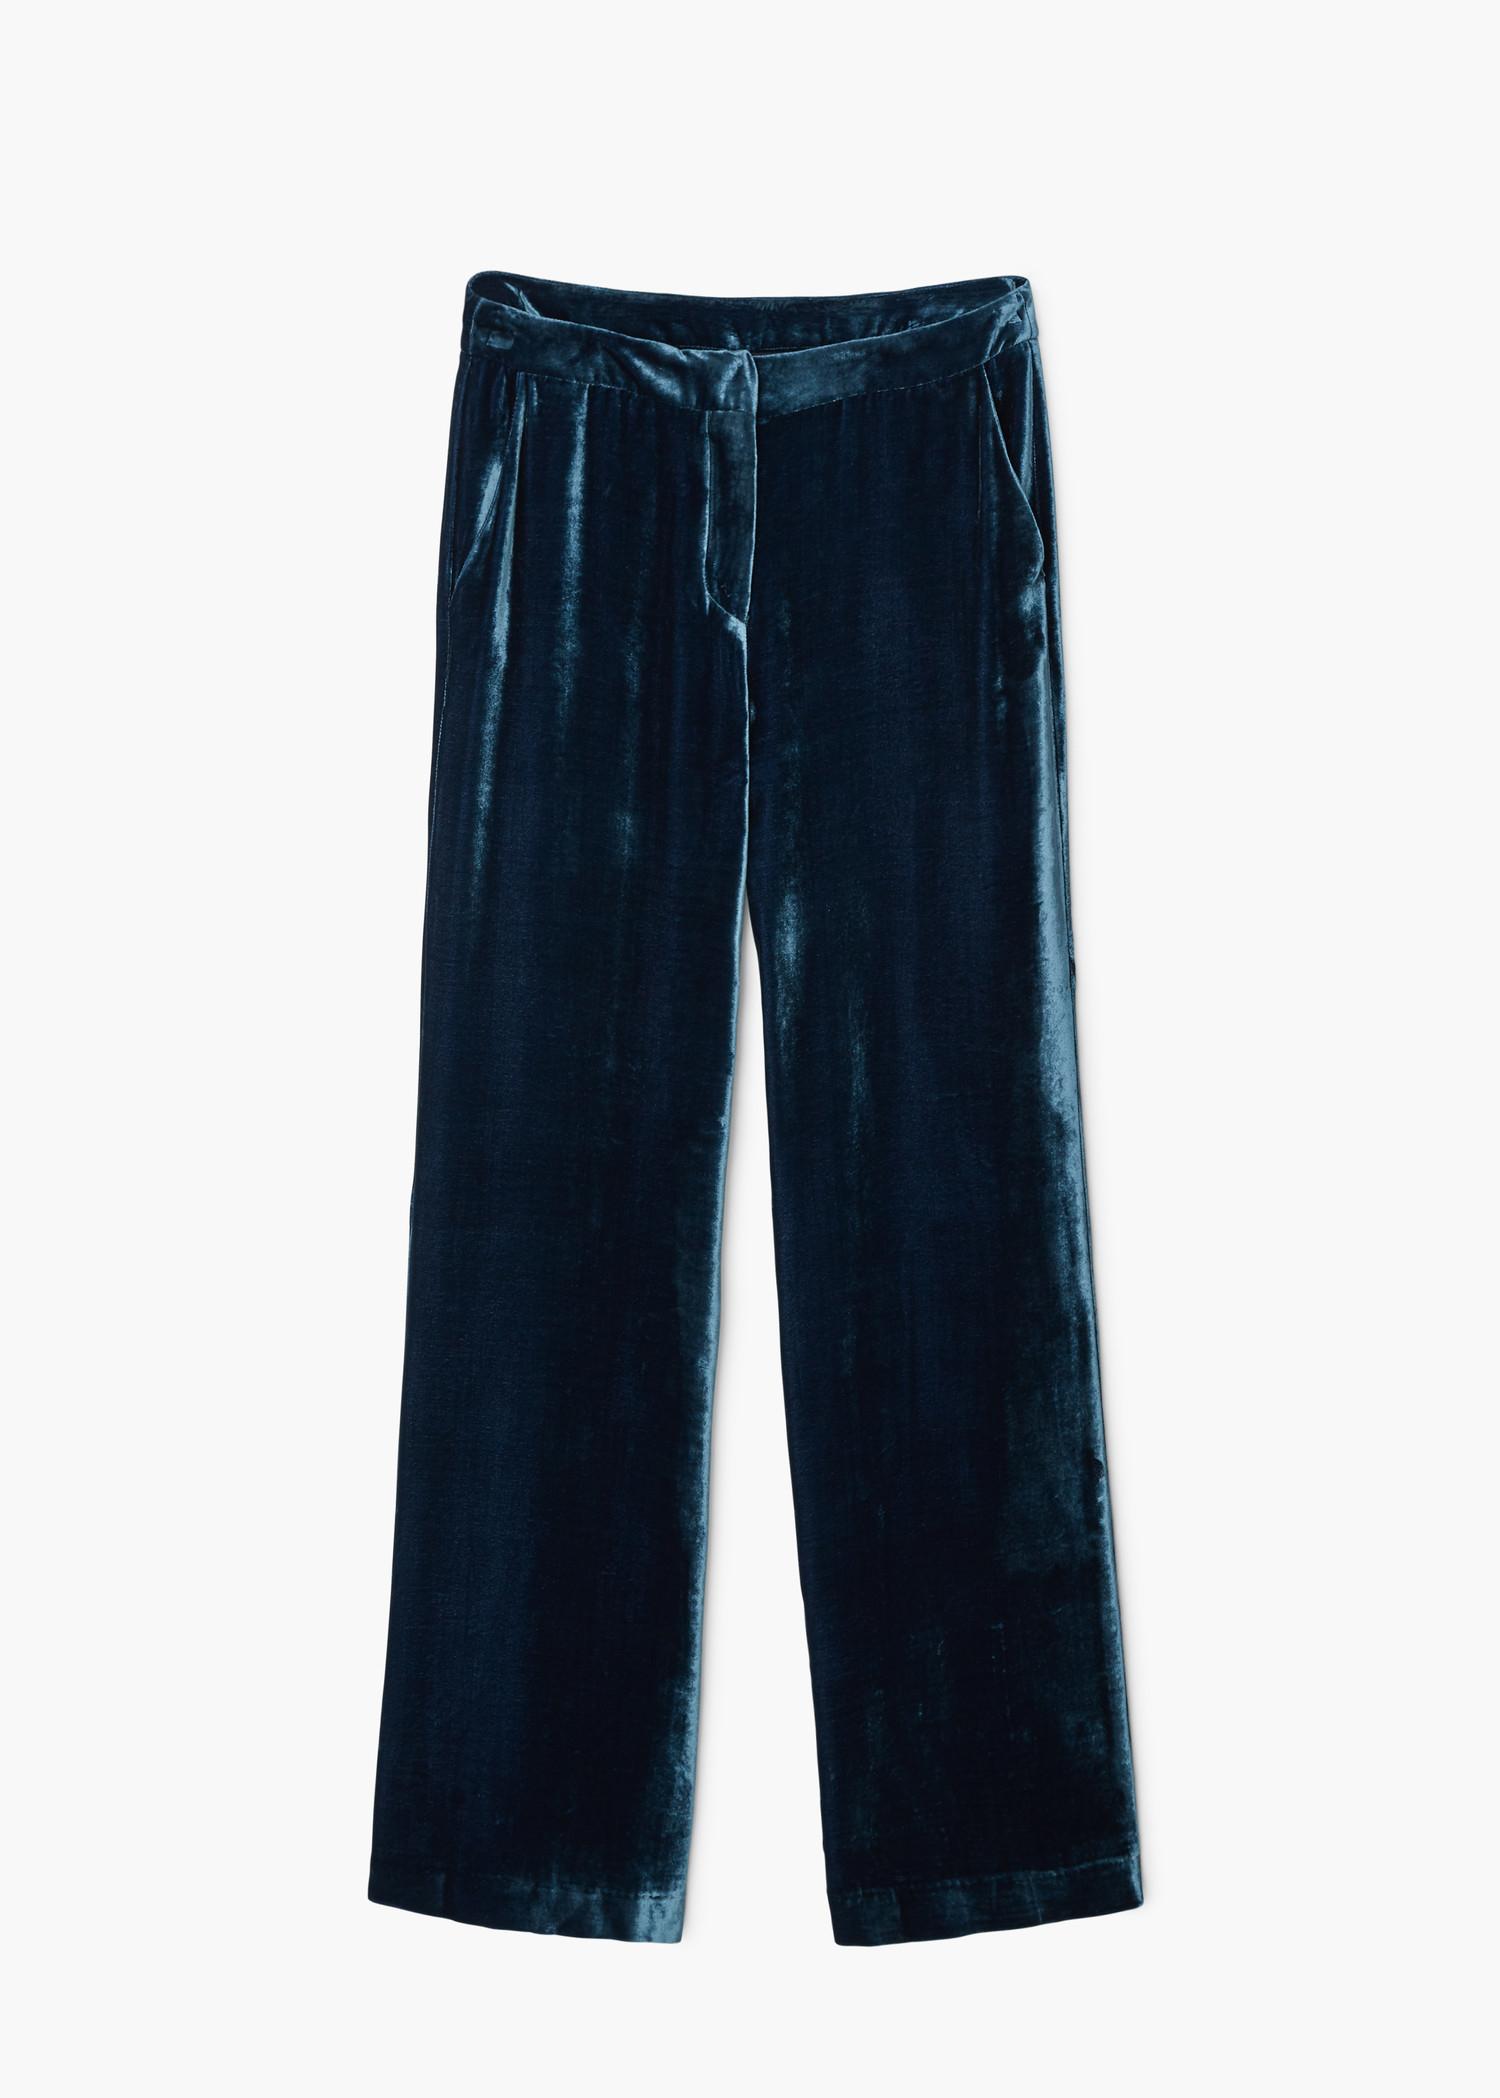 Mango Velvet Trousers in Blue